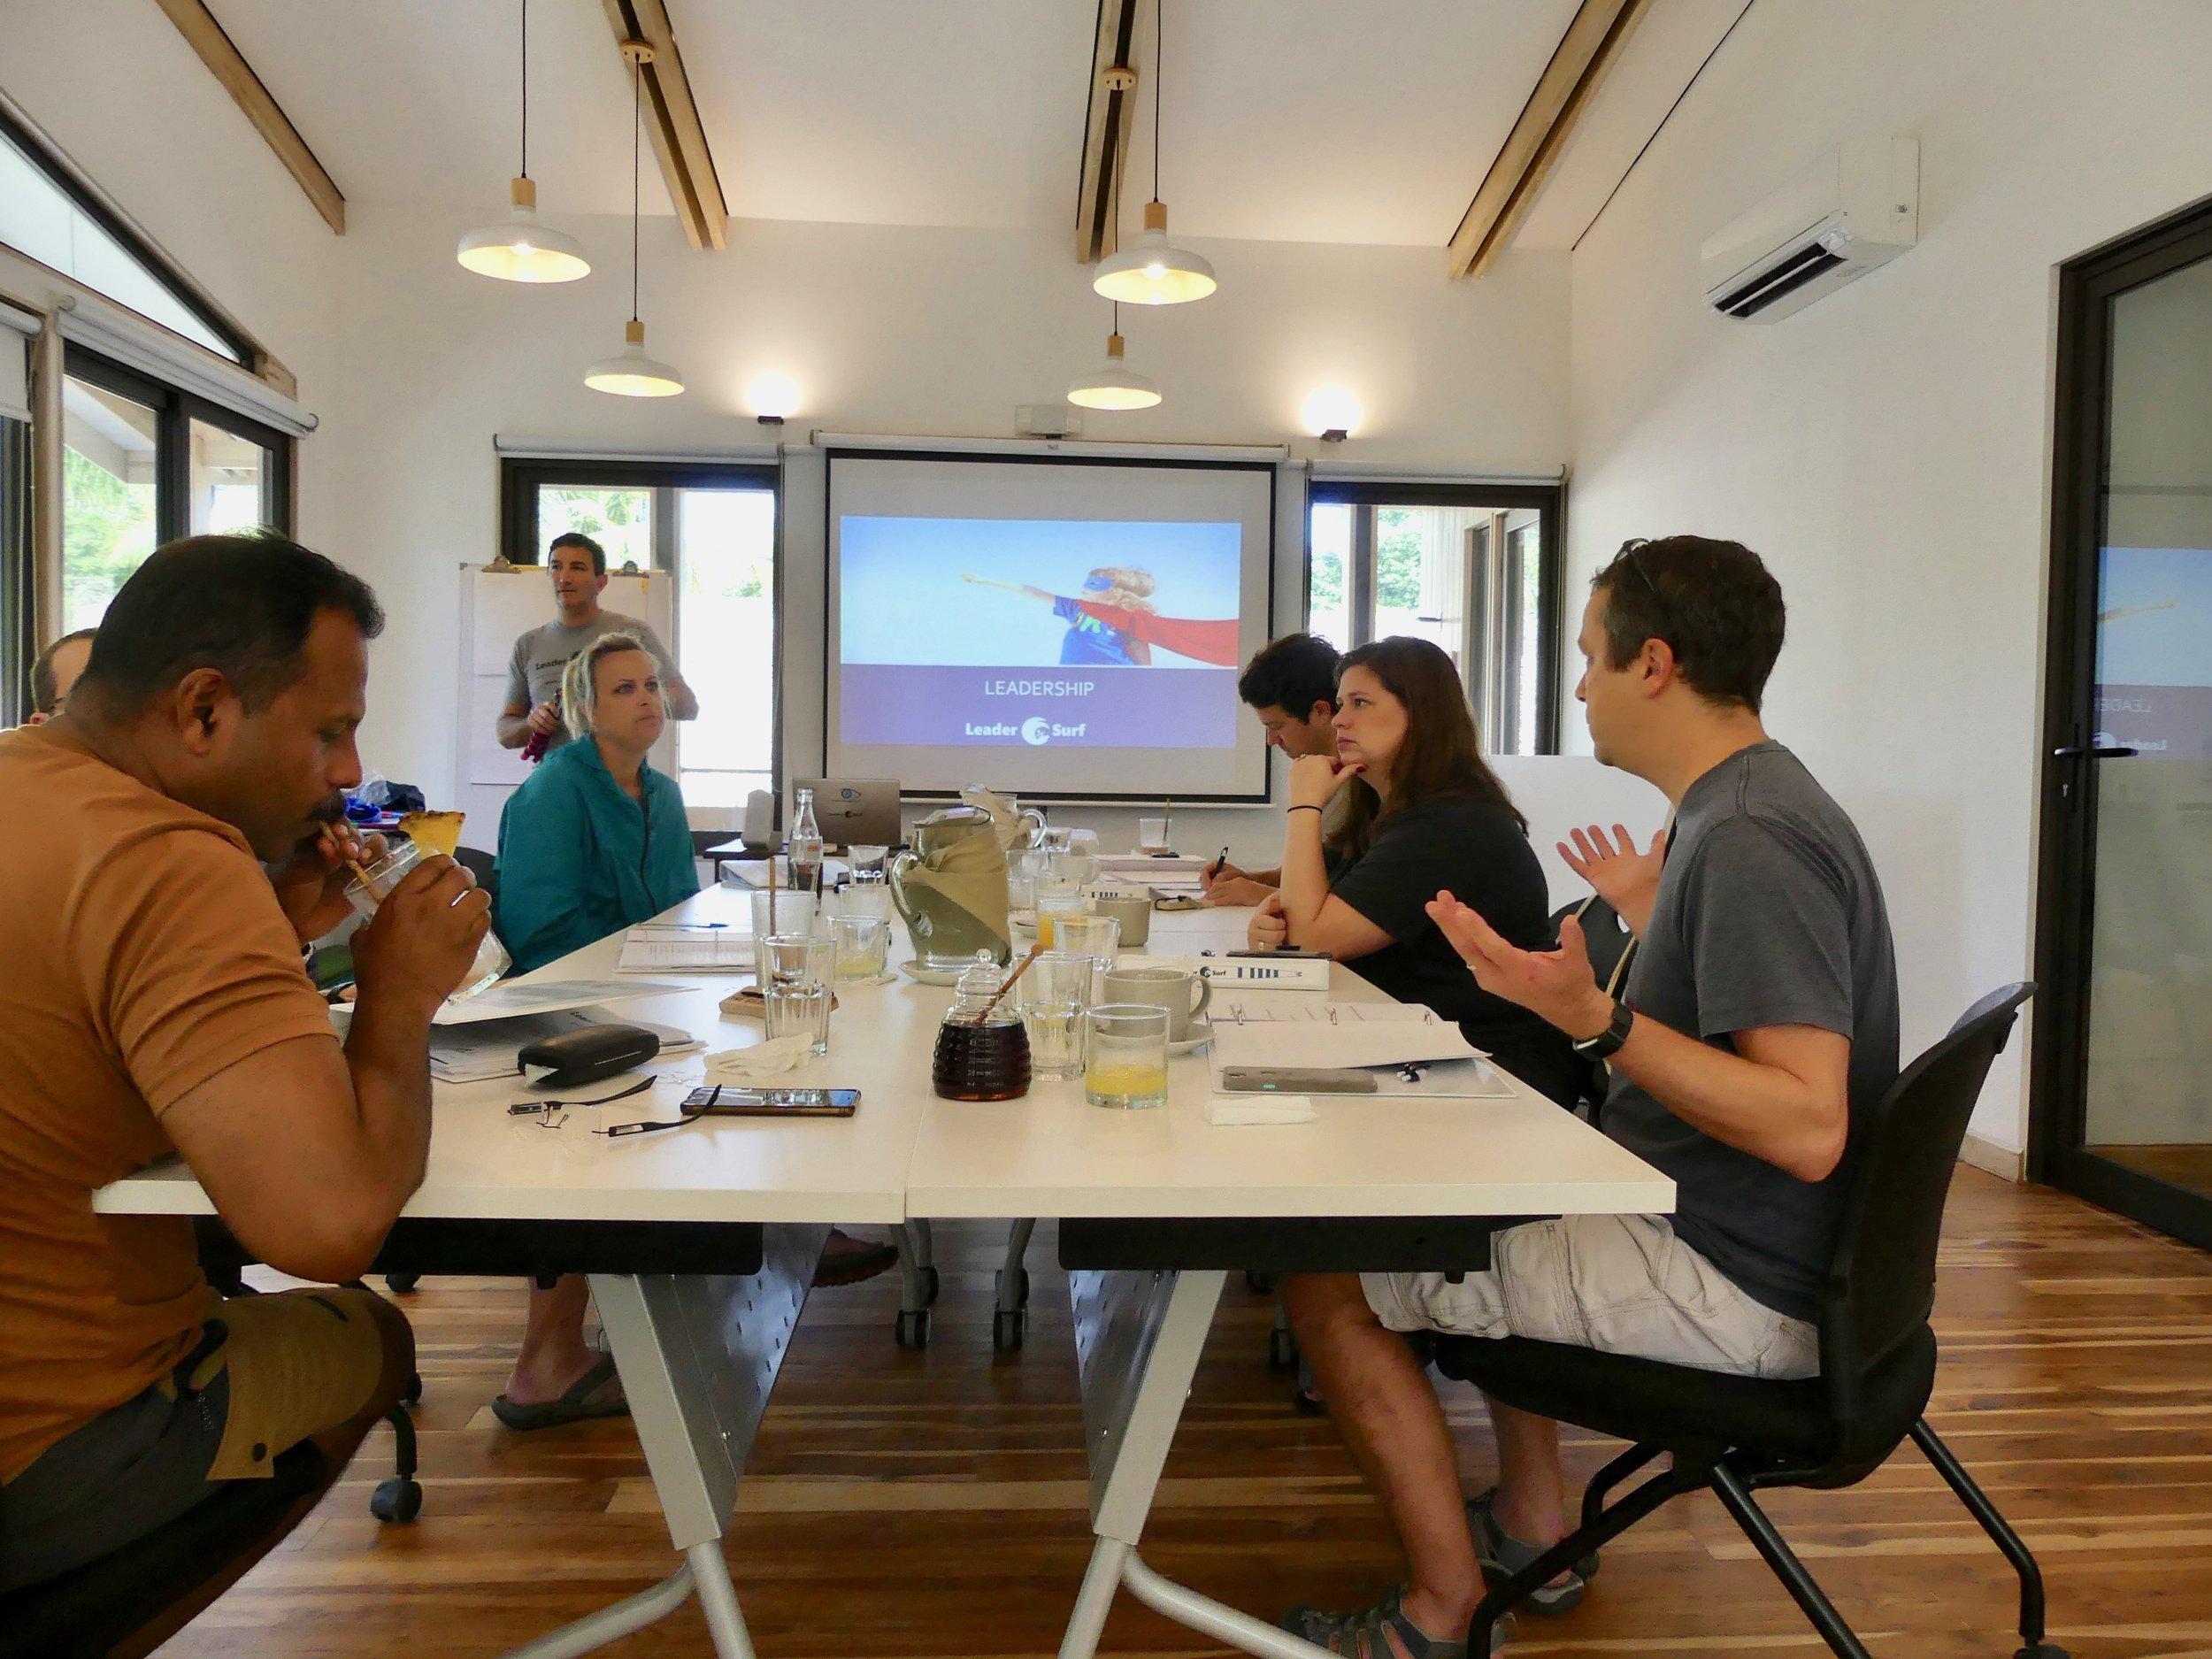 LeaderSurf classroom session